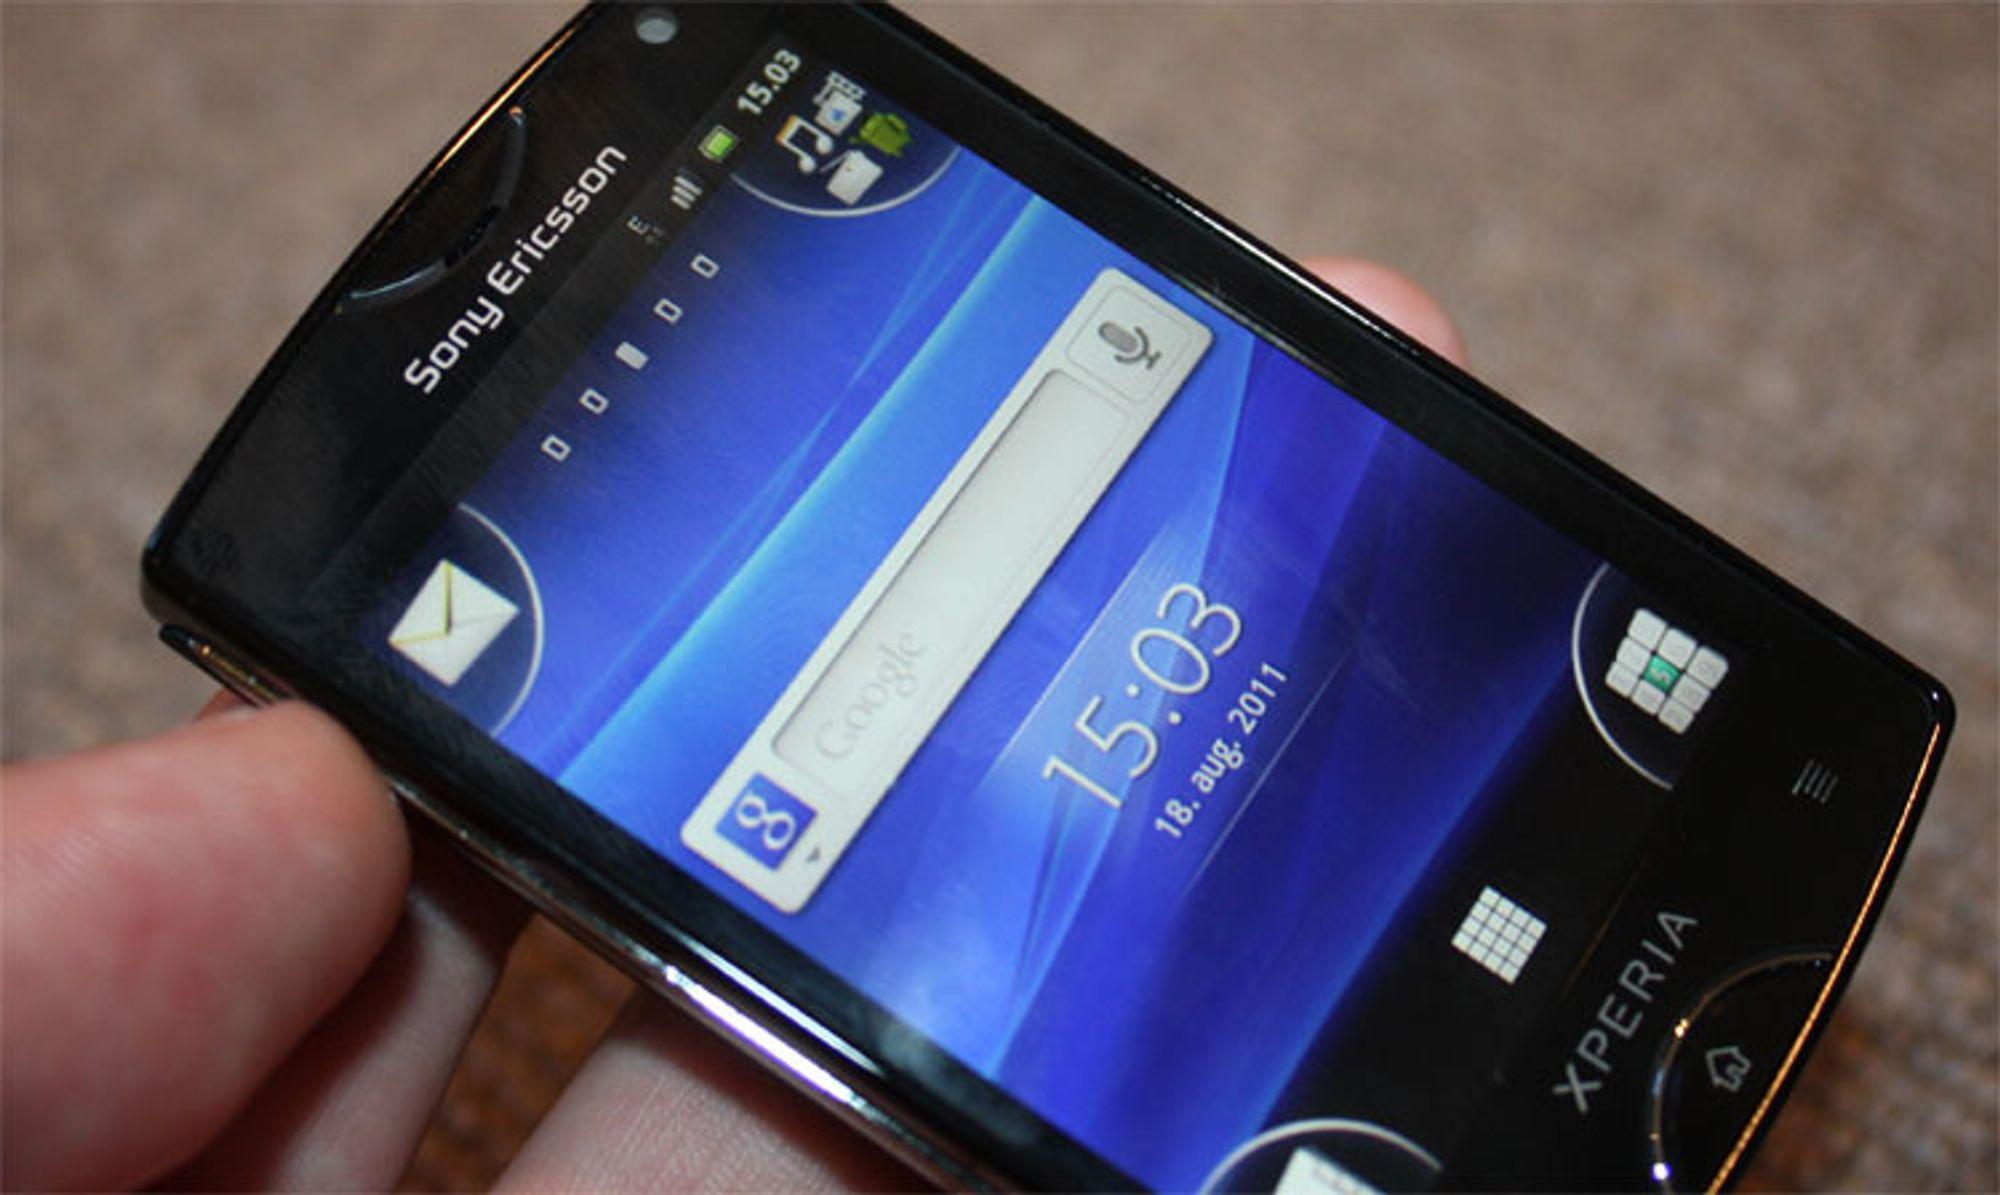 Unboxing av Sony Ericsson Xperia Mini